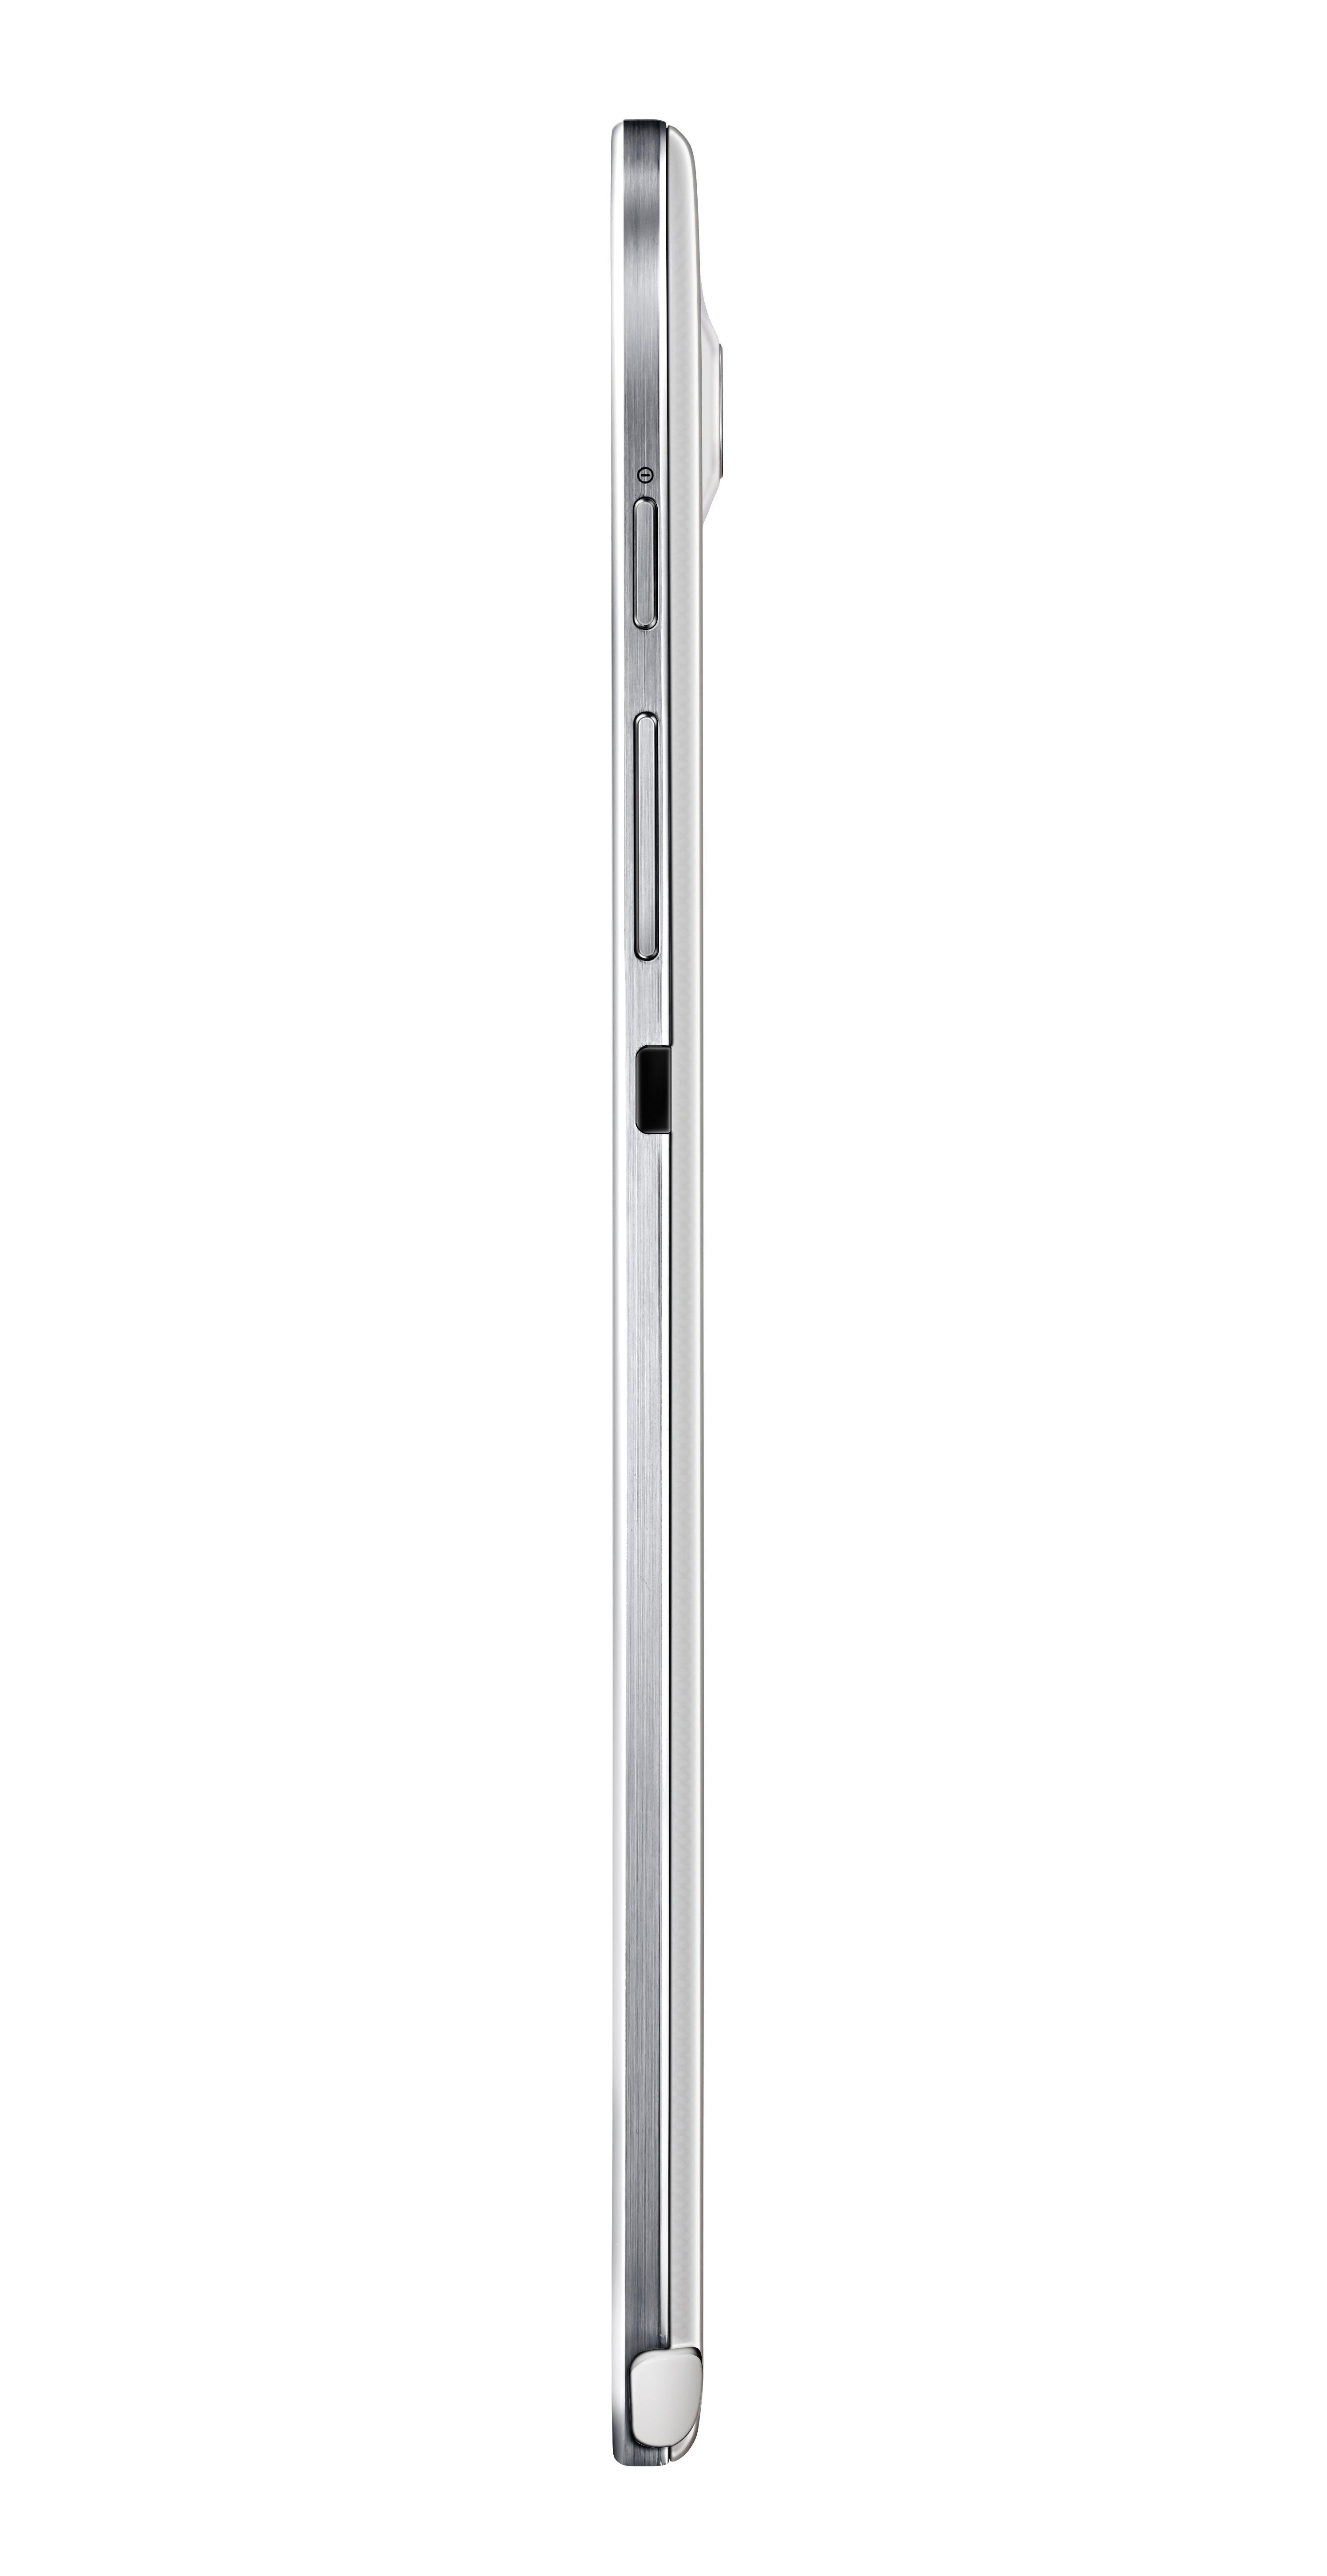 Slik ser Galaxy Note 8.0 ut fra siden.Foto: Samsung